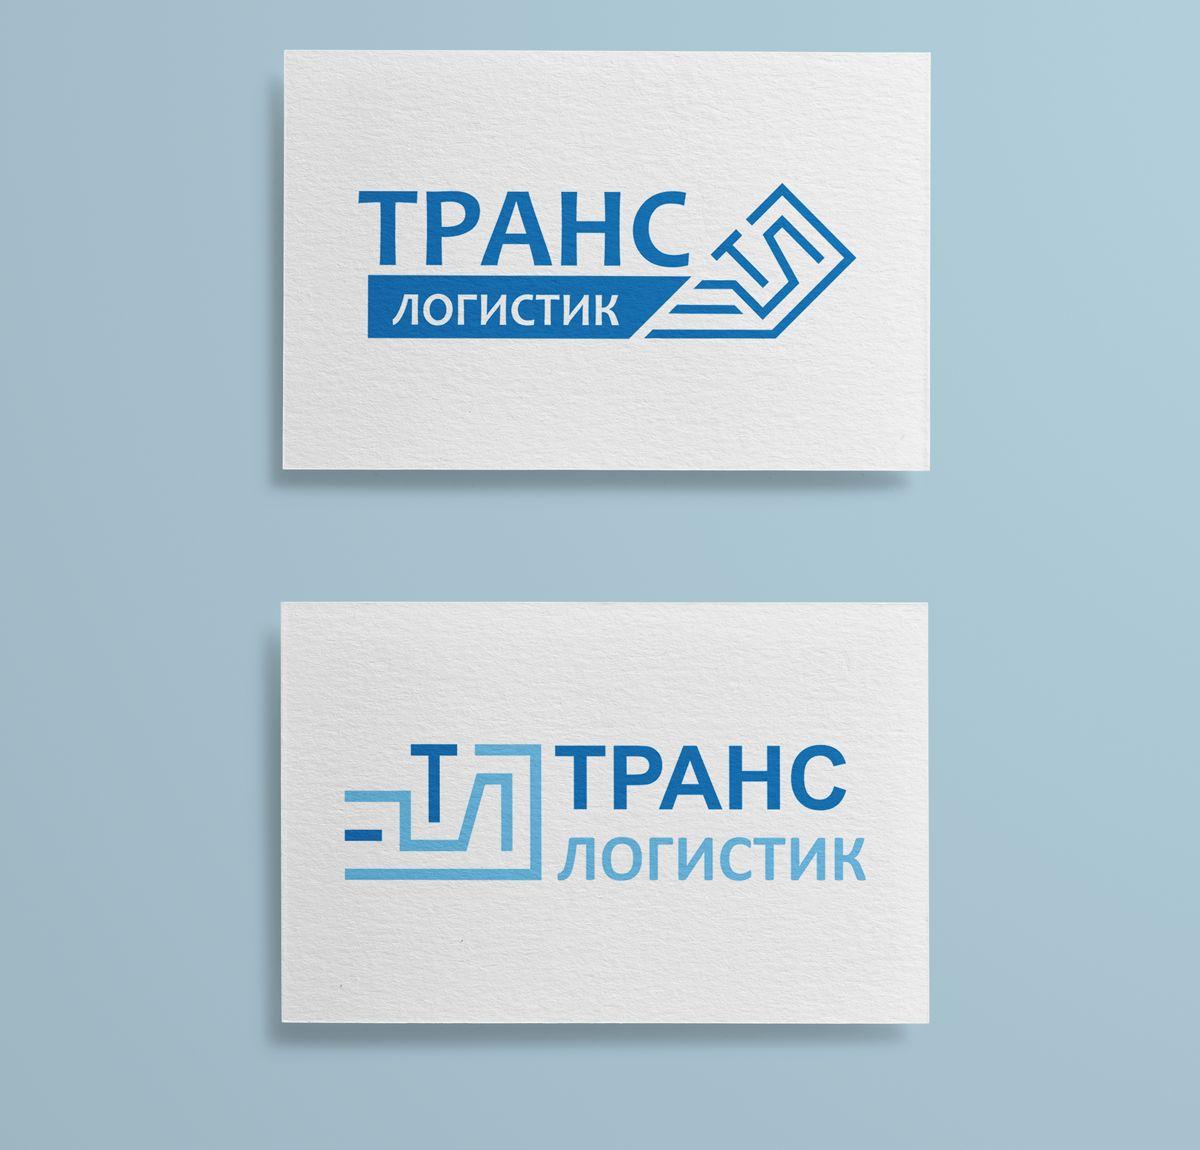 Логотип и визитка для транспортной компании - дизайнер LLight